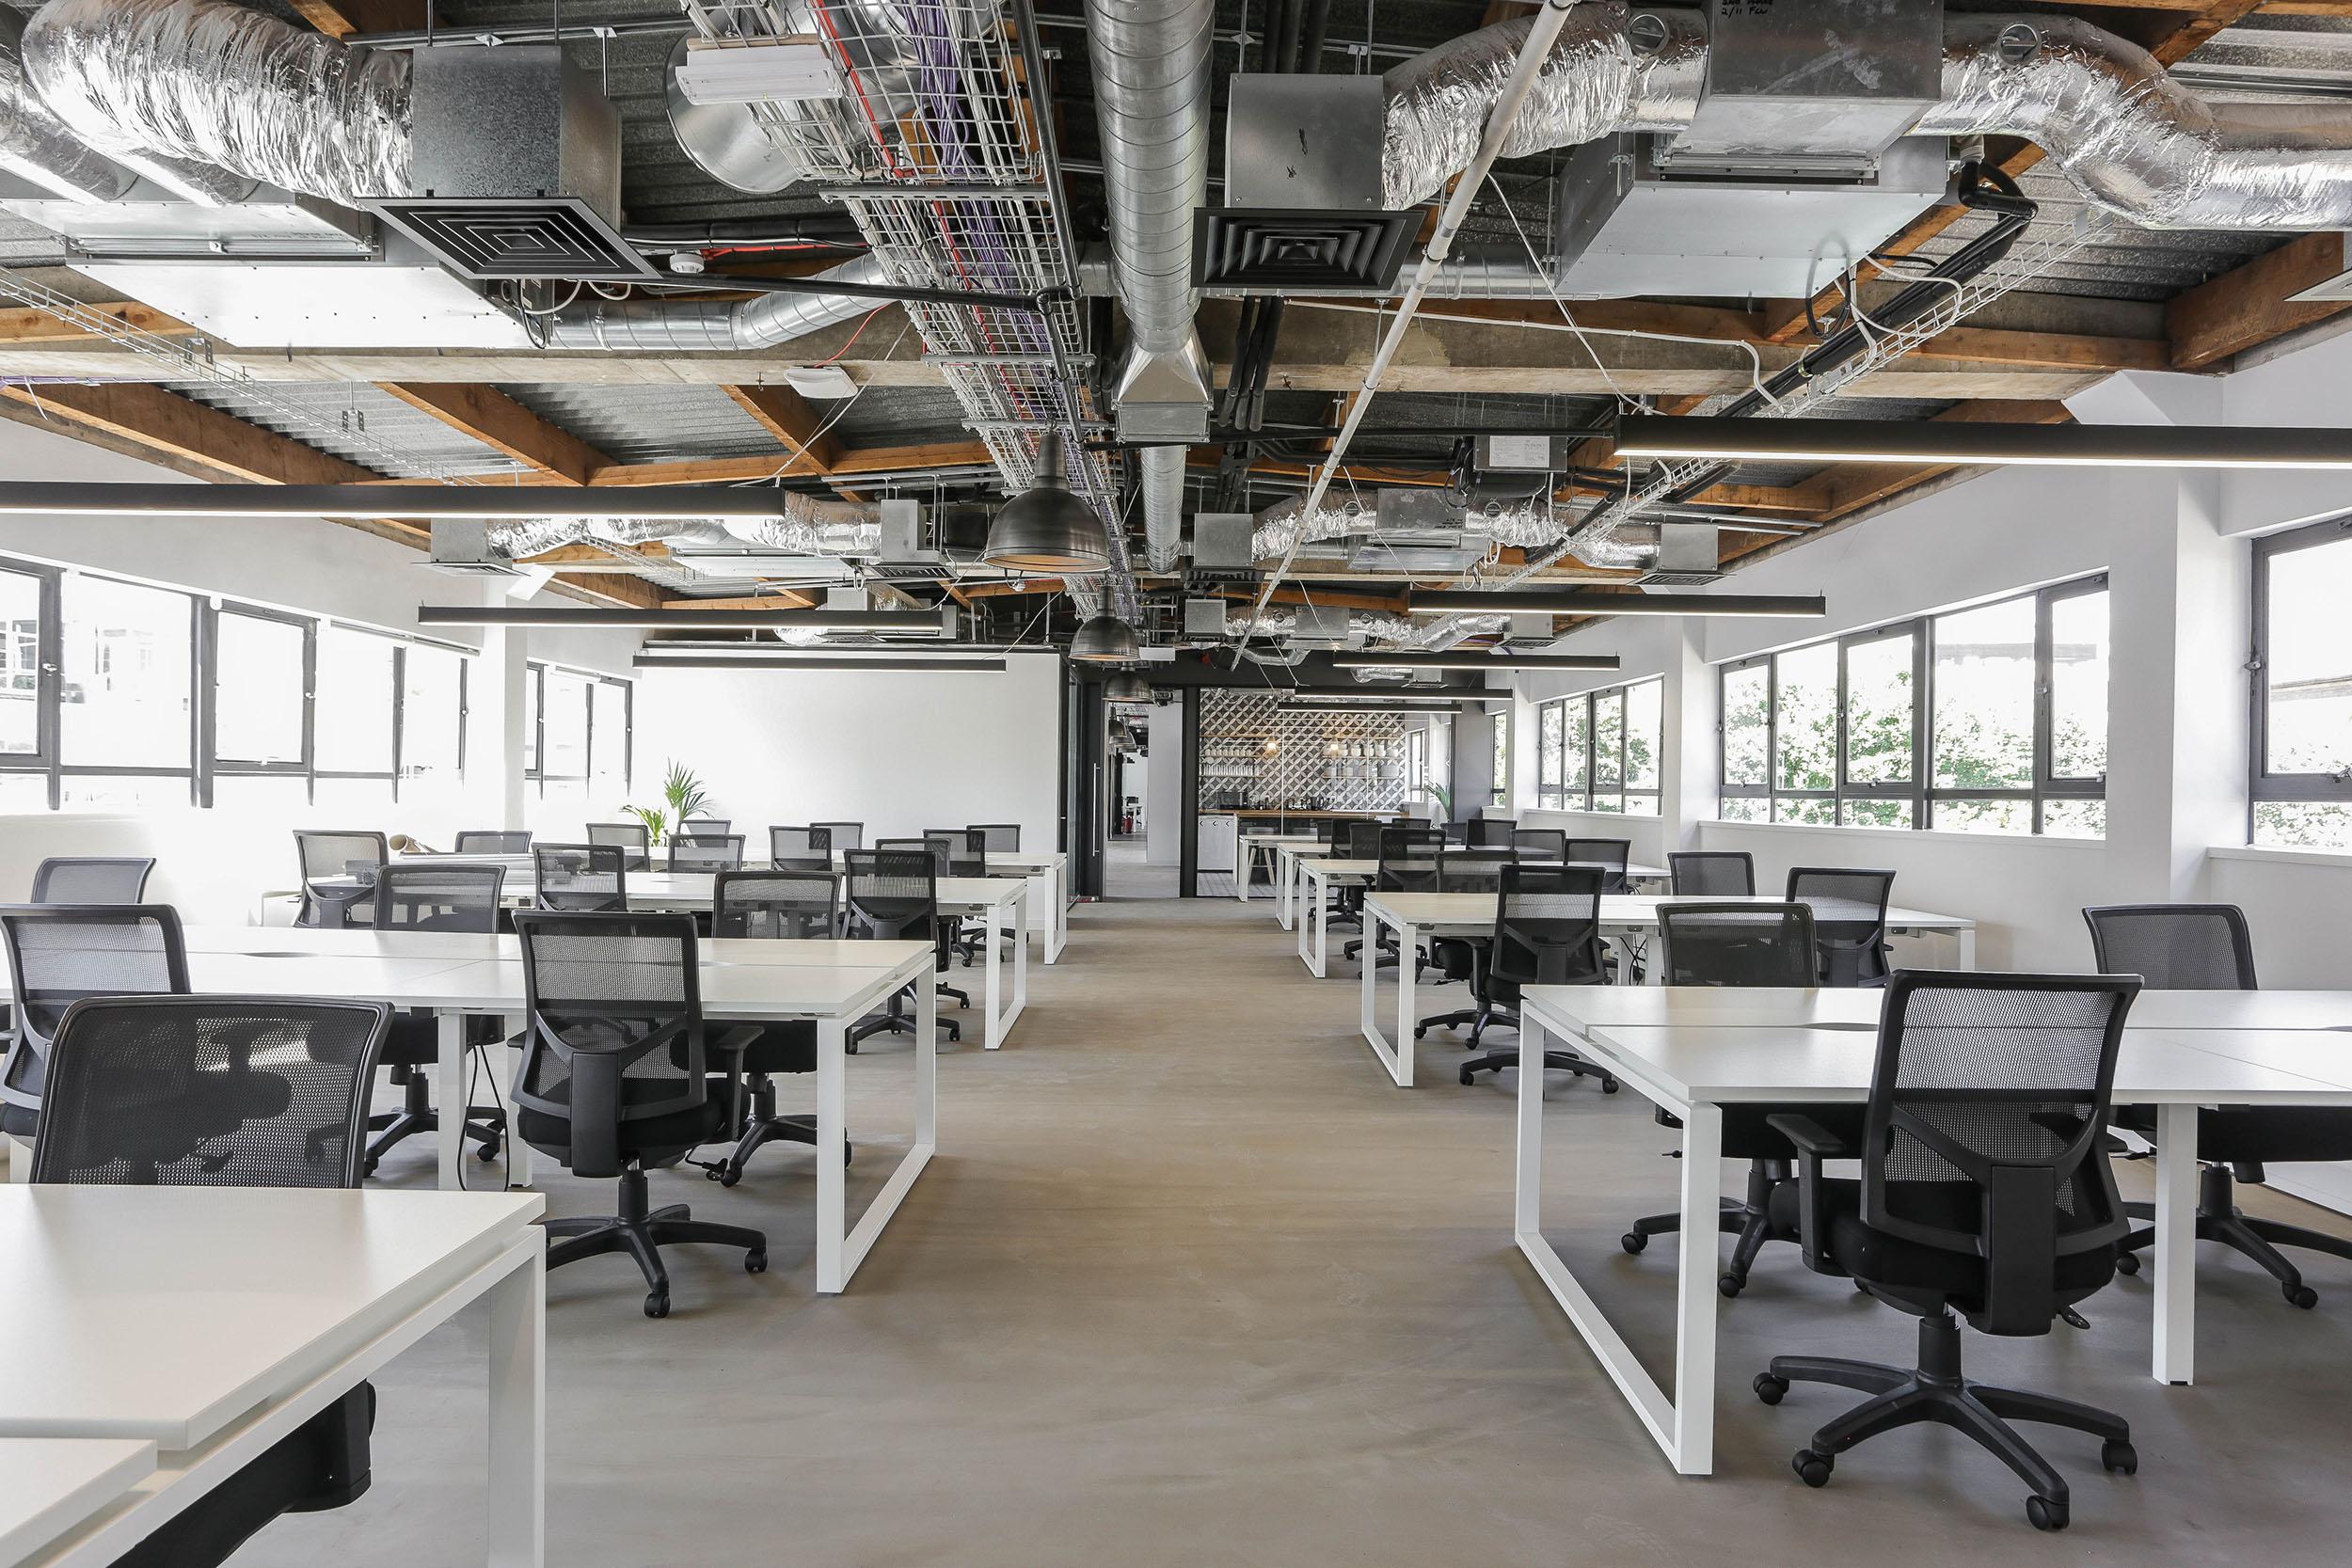 Shoreditch Enterprise 100 person workspace